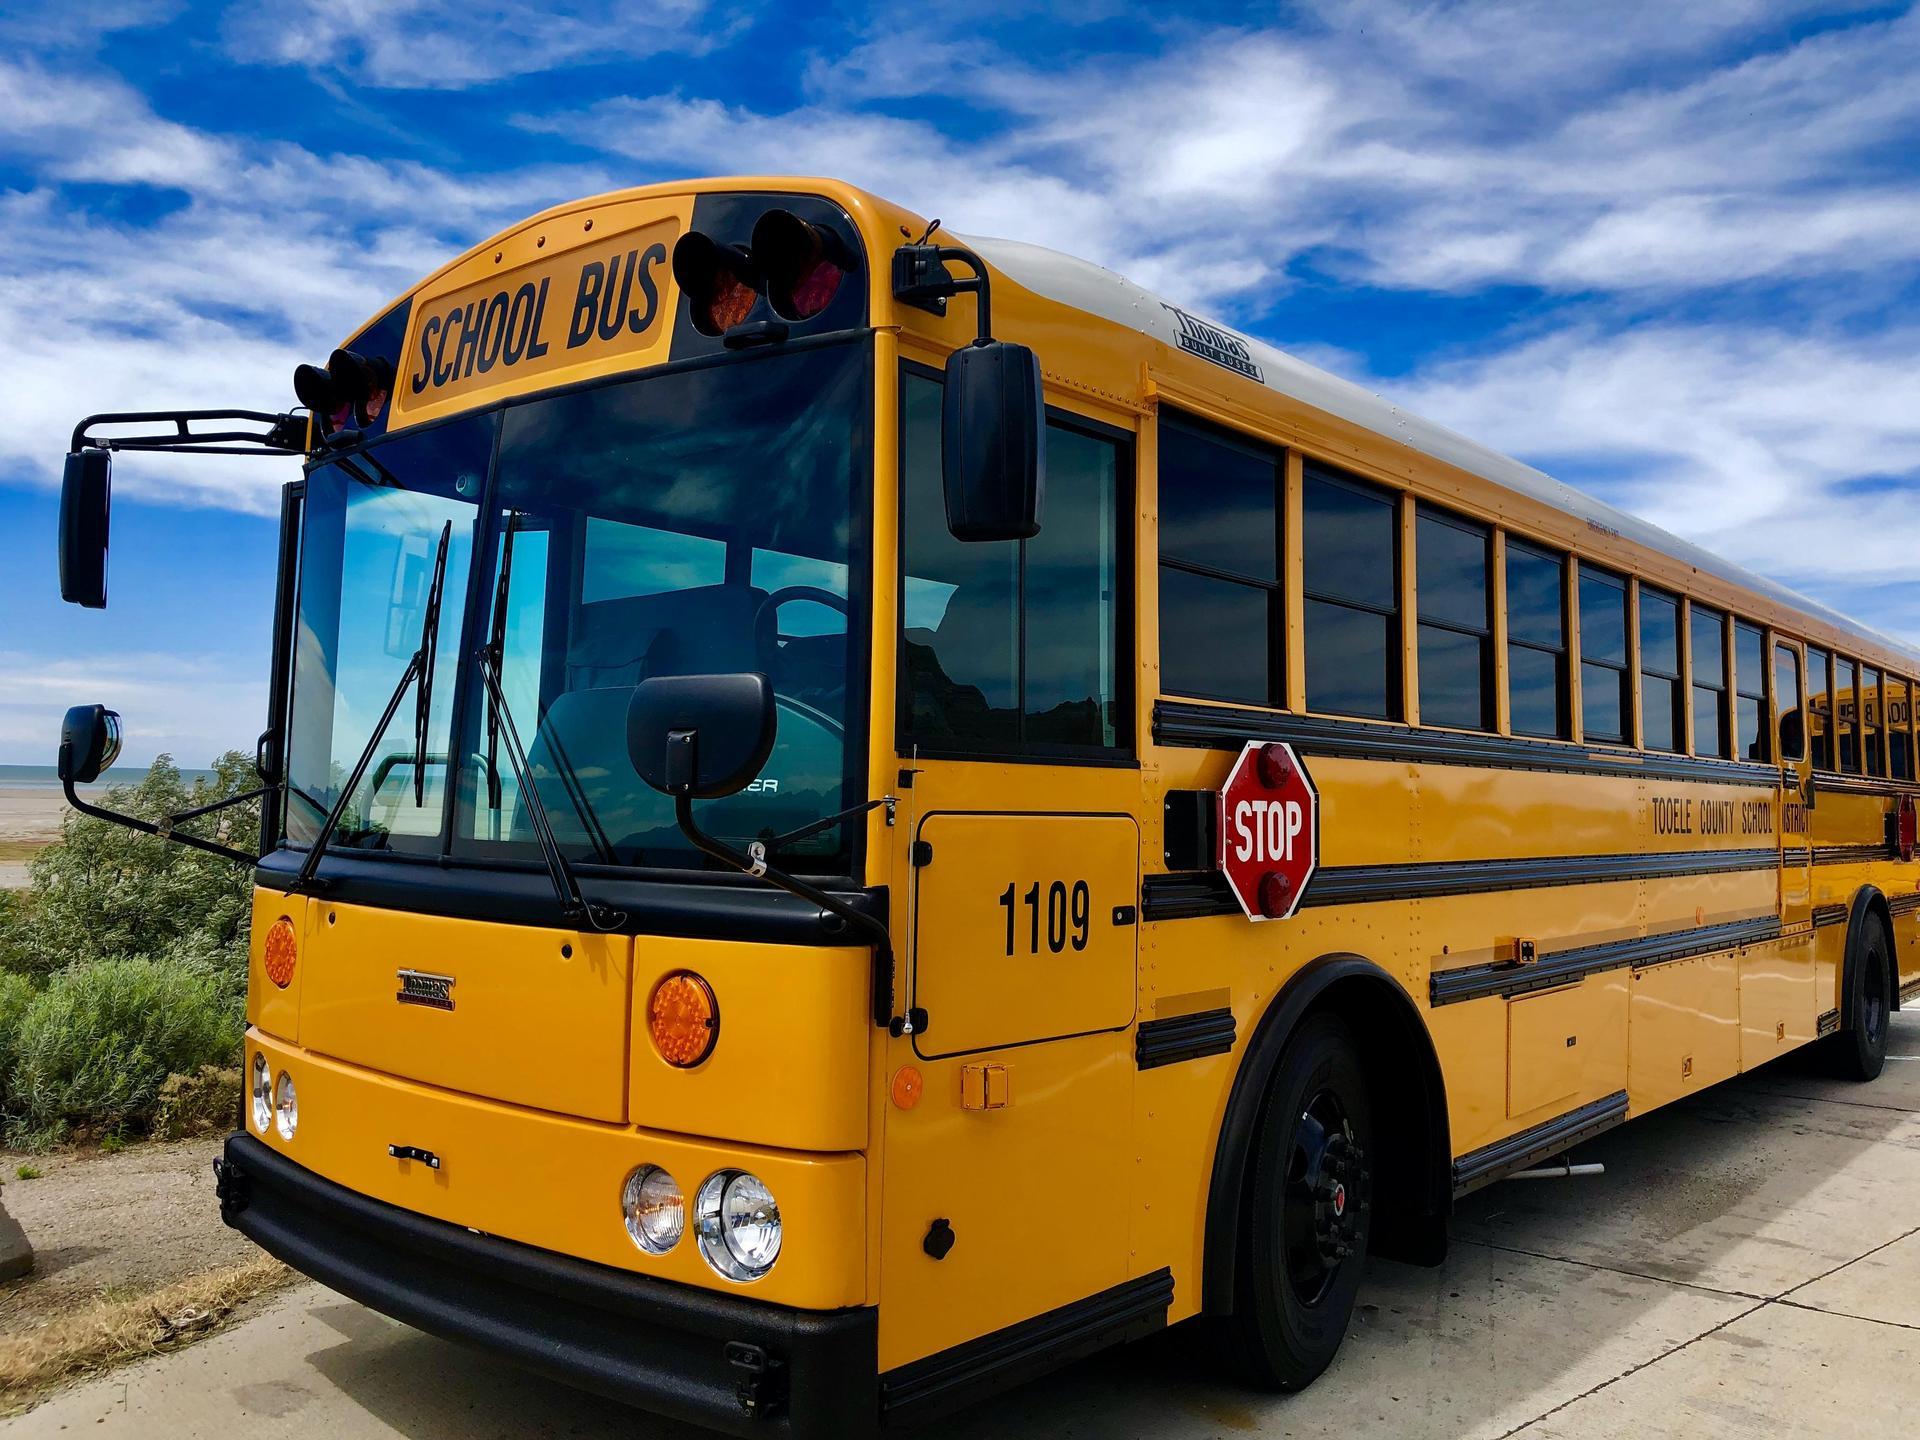 Bus 1109